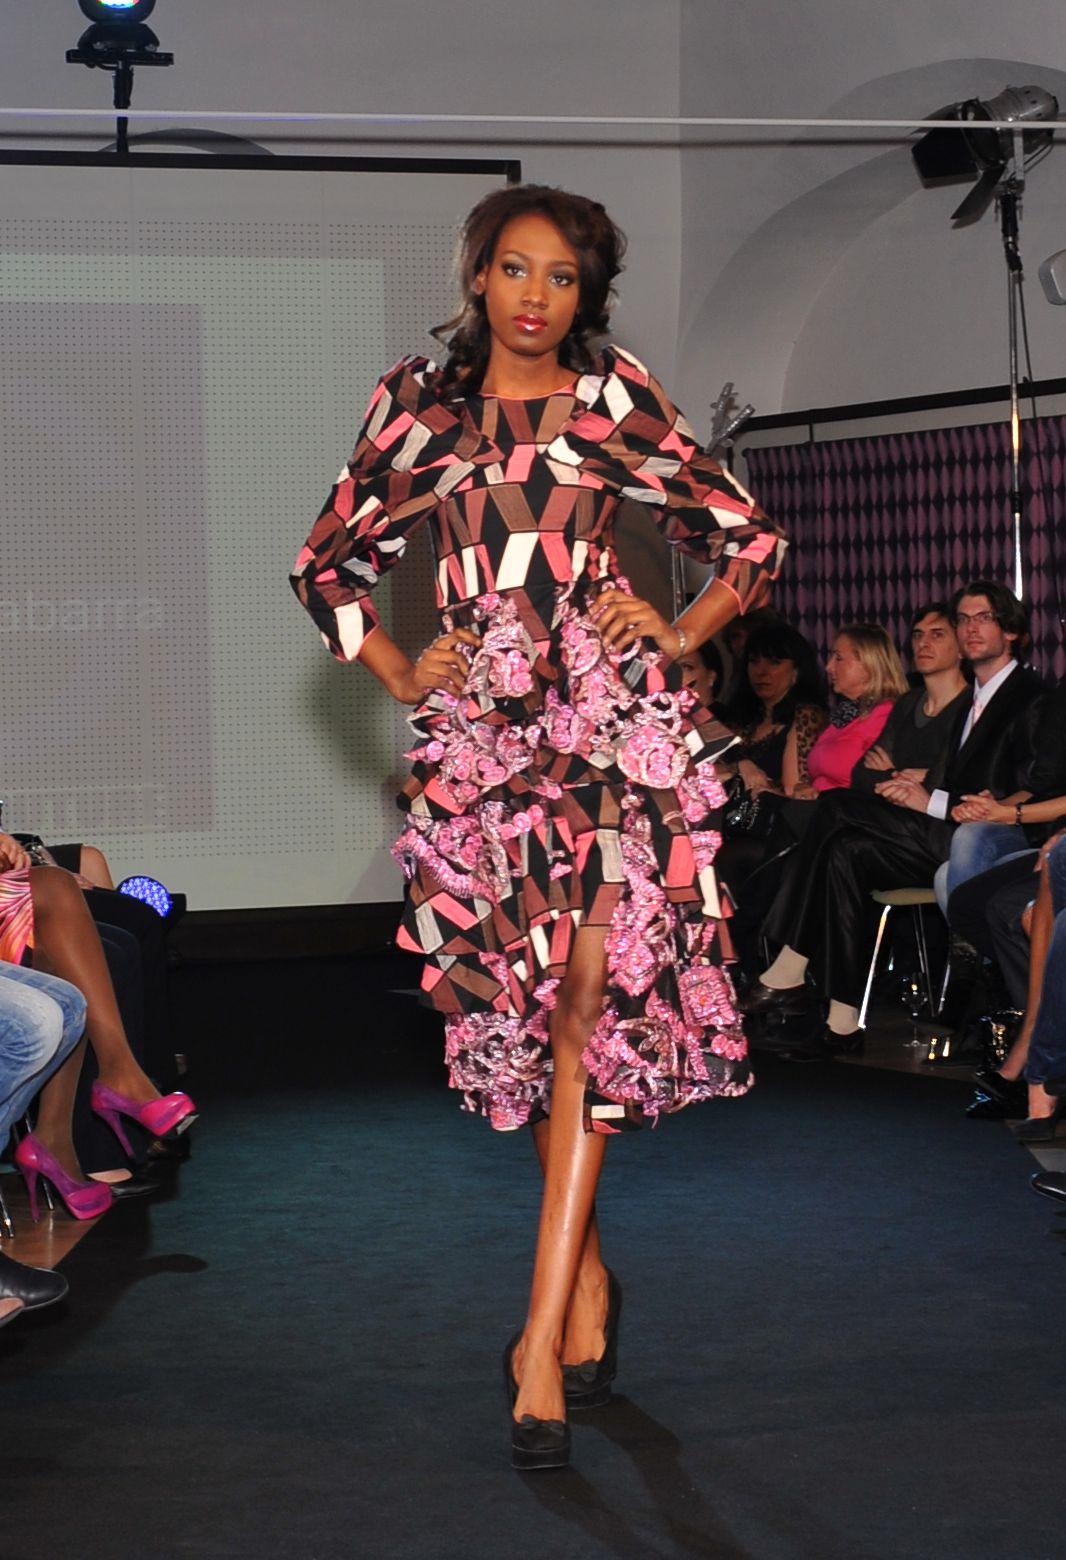 La Black Fashion Week Prague En Image